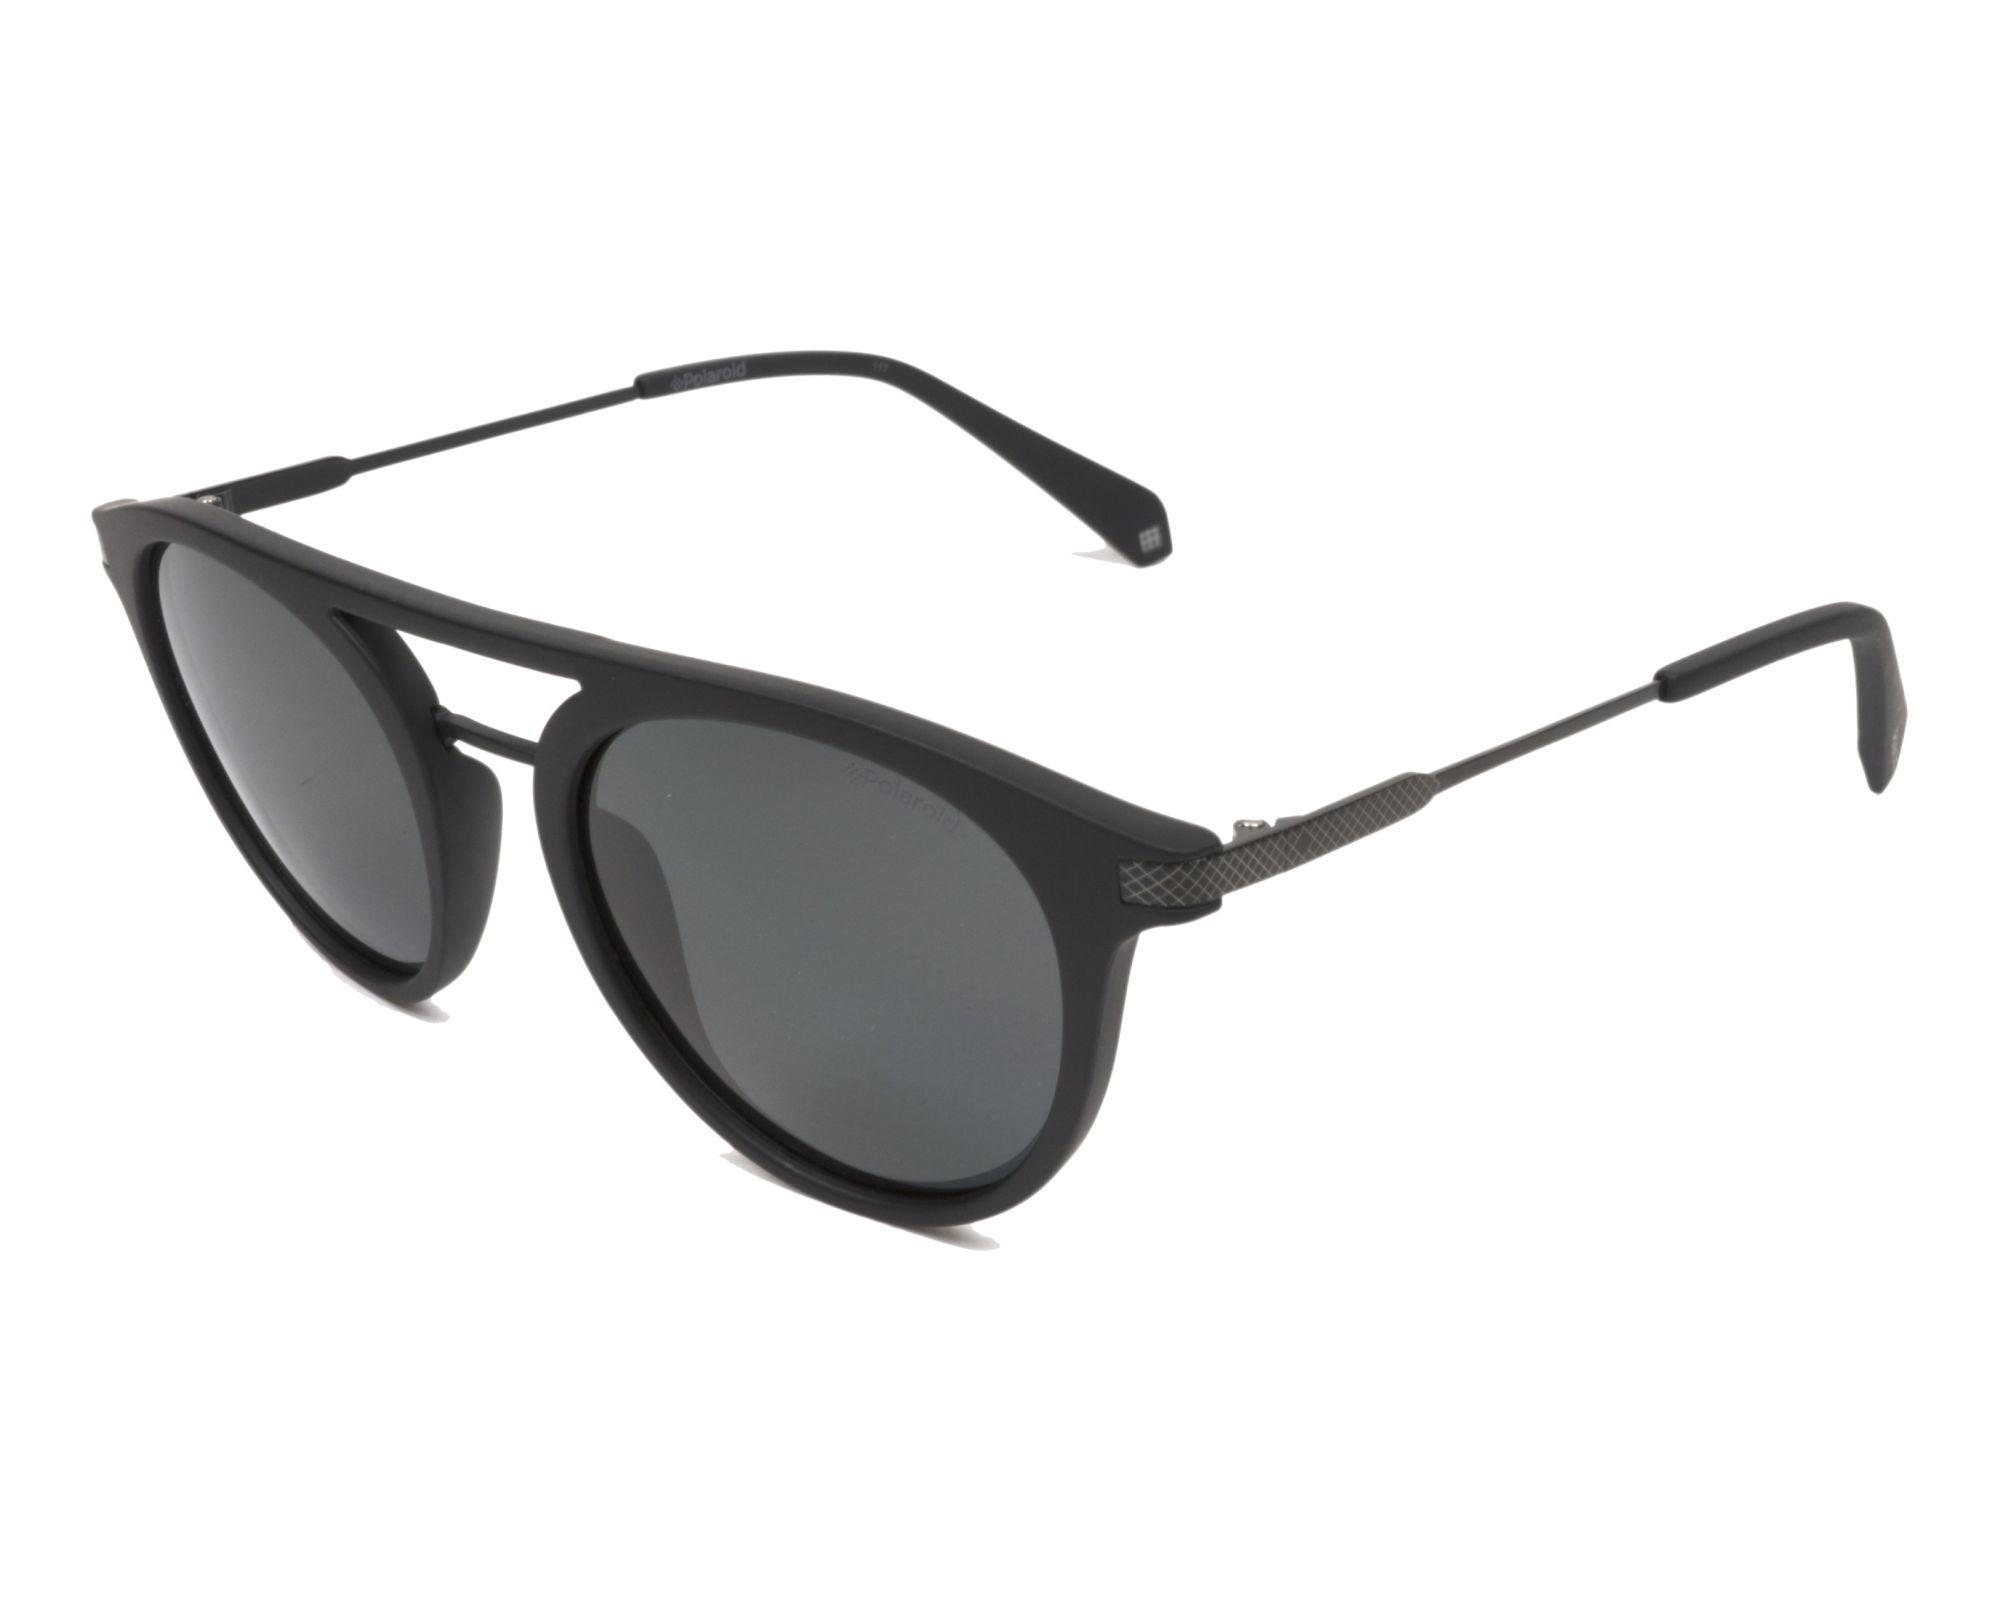 d7e9c08a0 thumbnail Sunglasses Polaroid PLD-2061-S 003/M9 - Black Black profile view